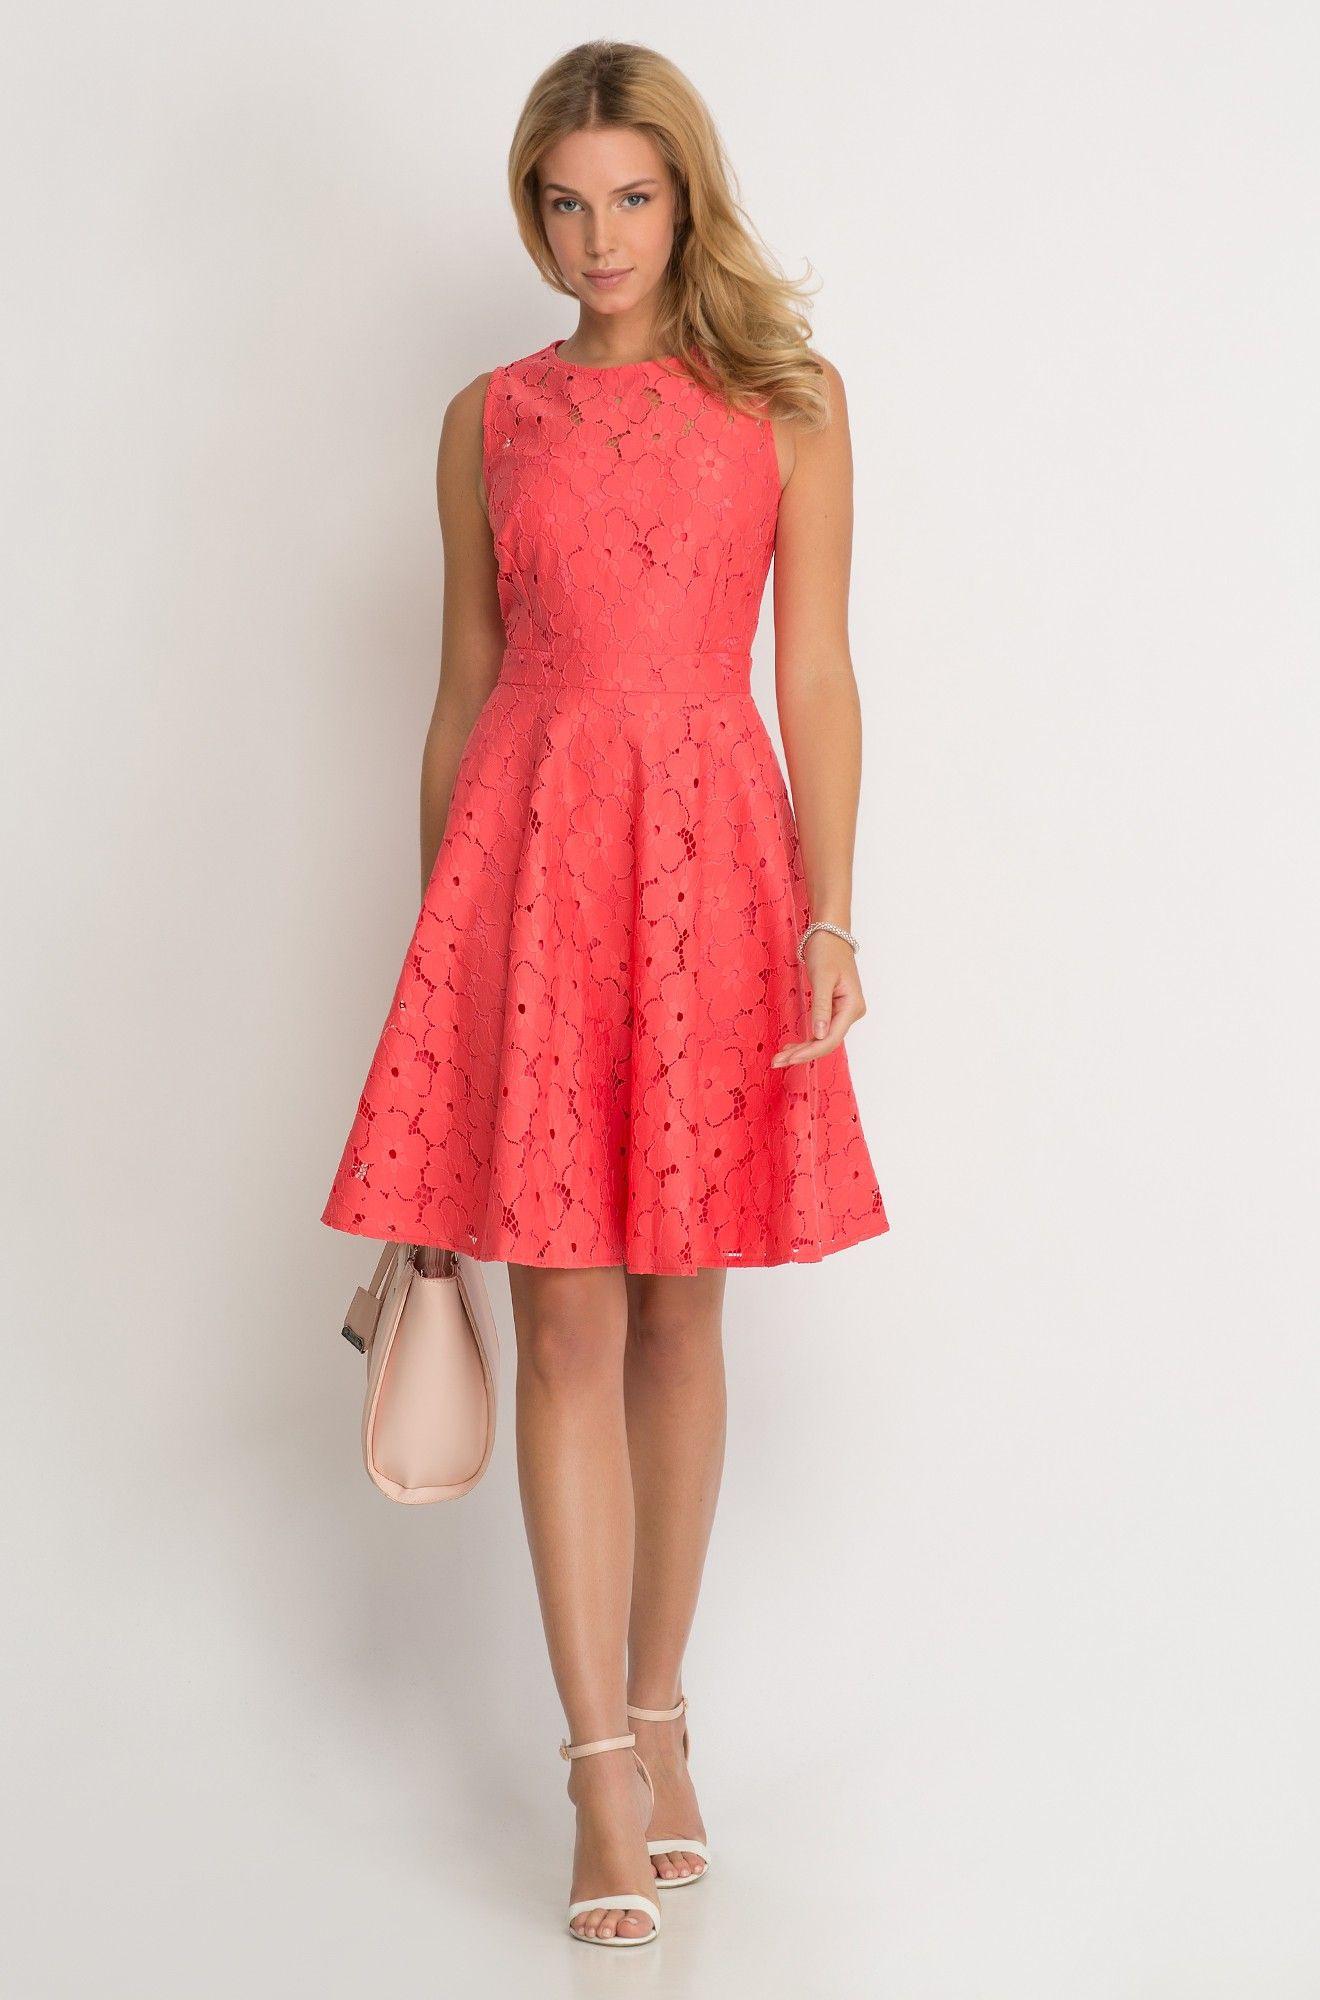 Abend Großartig Abendkleid Orsay ÄrmelAbend Schön Abendkleid Orsay Boutique